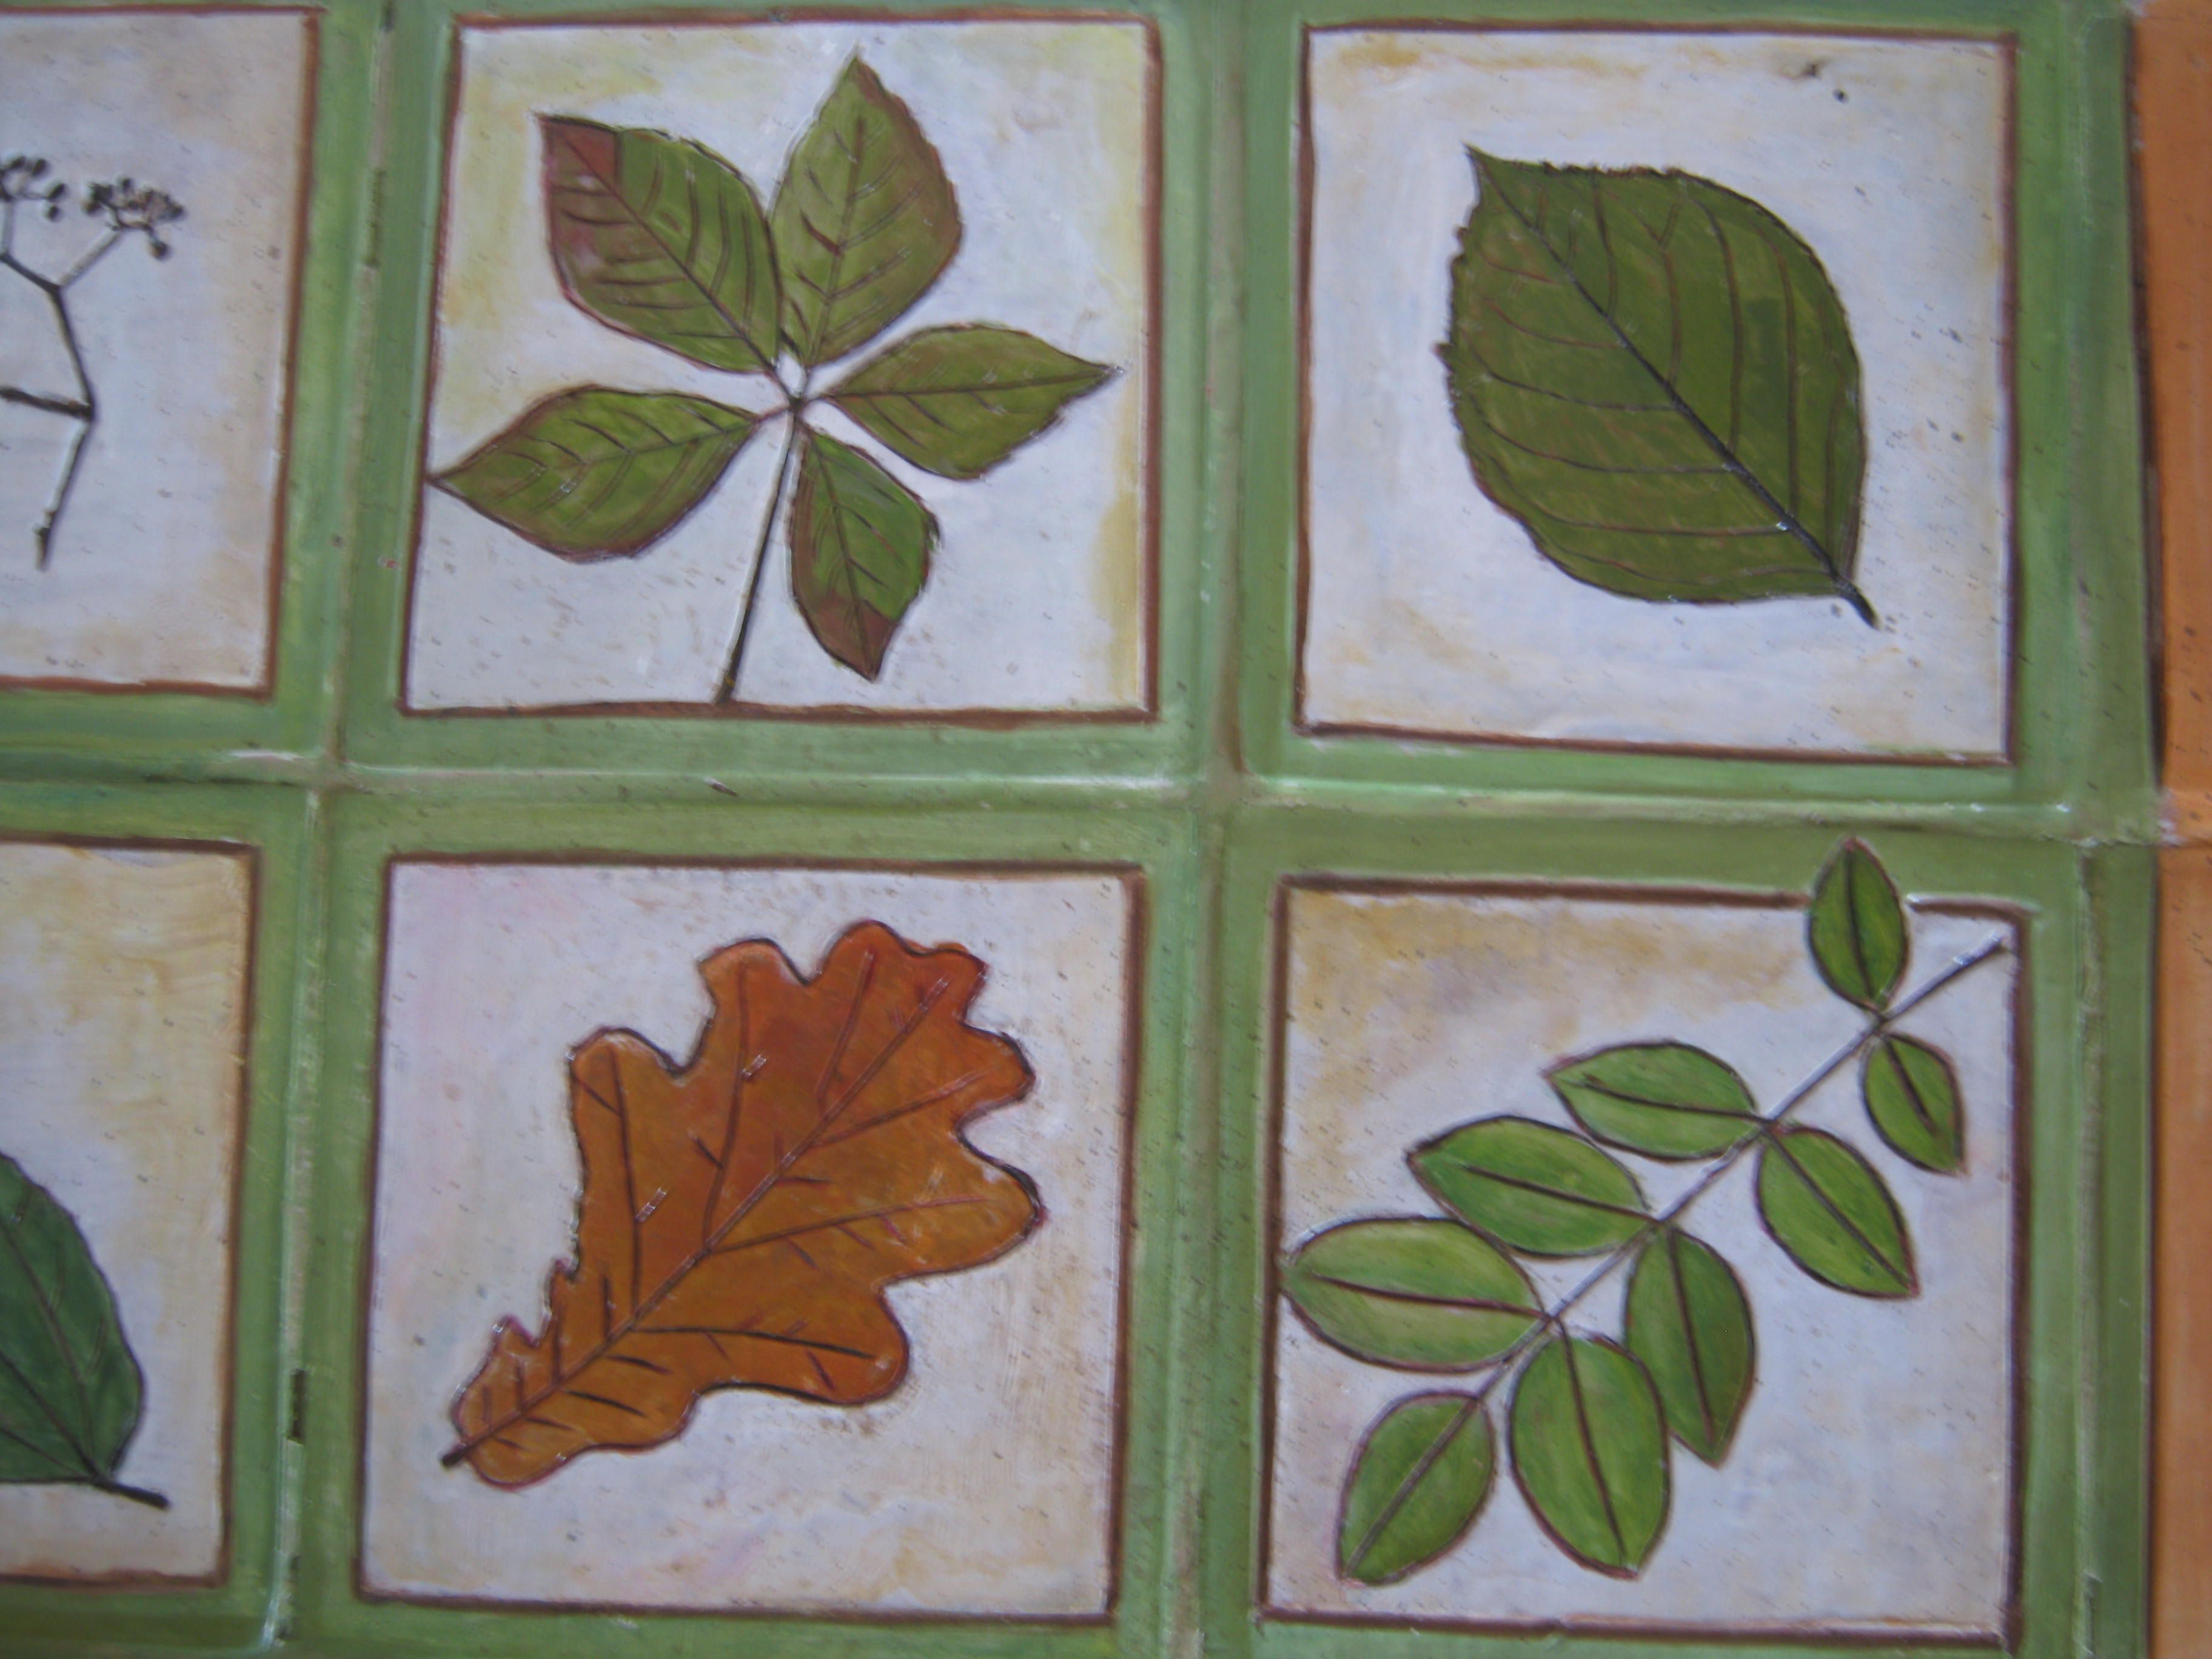 Mattonelle di terracotta per il piano di un tavolo da giardino